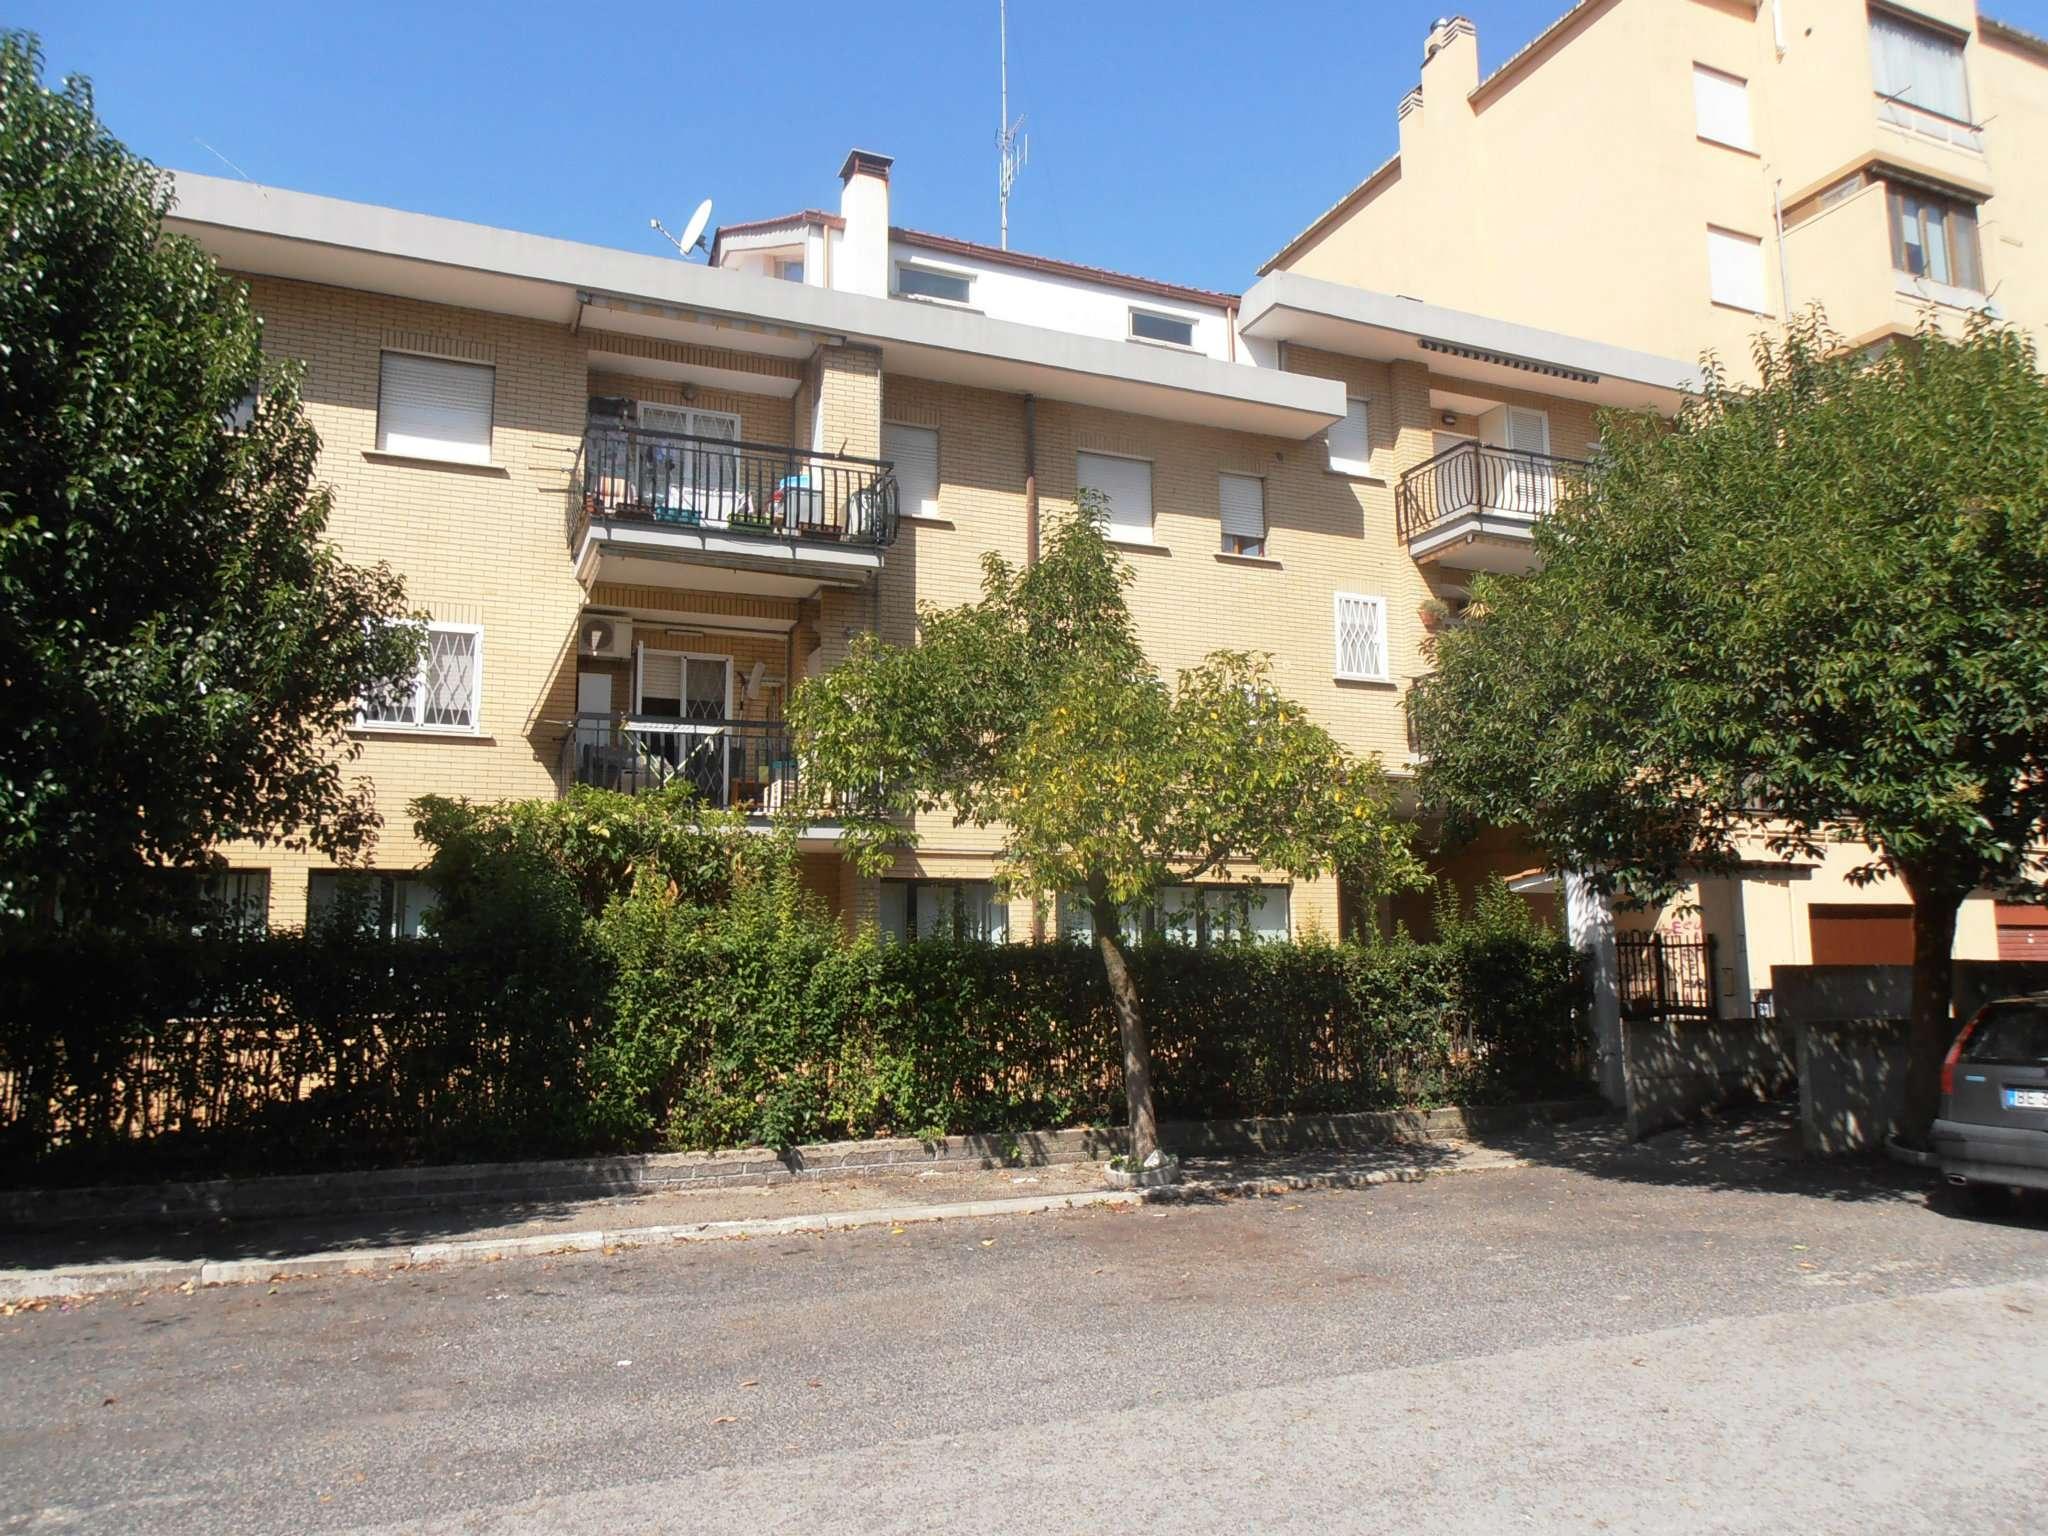 Attico / Mansarda in vendita a Genzano di Roma, 3 locali, prezzo € 105.000 | CambioCasa.it